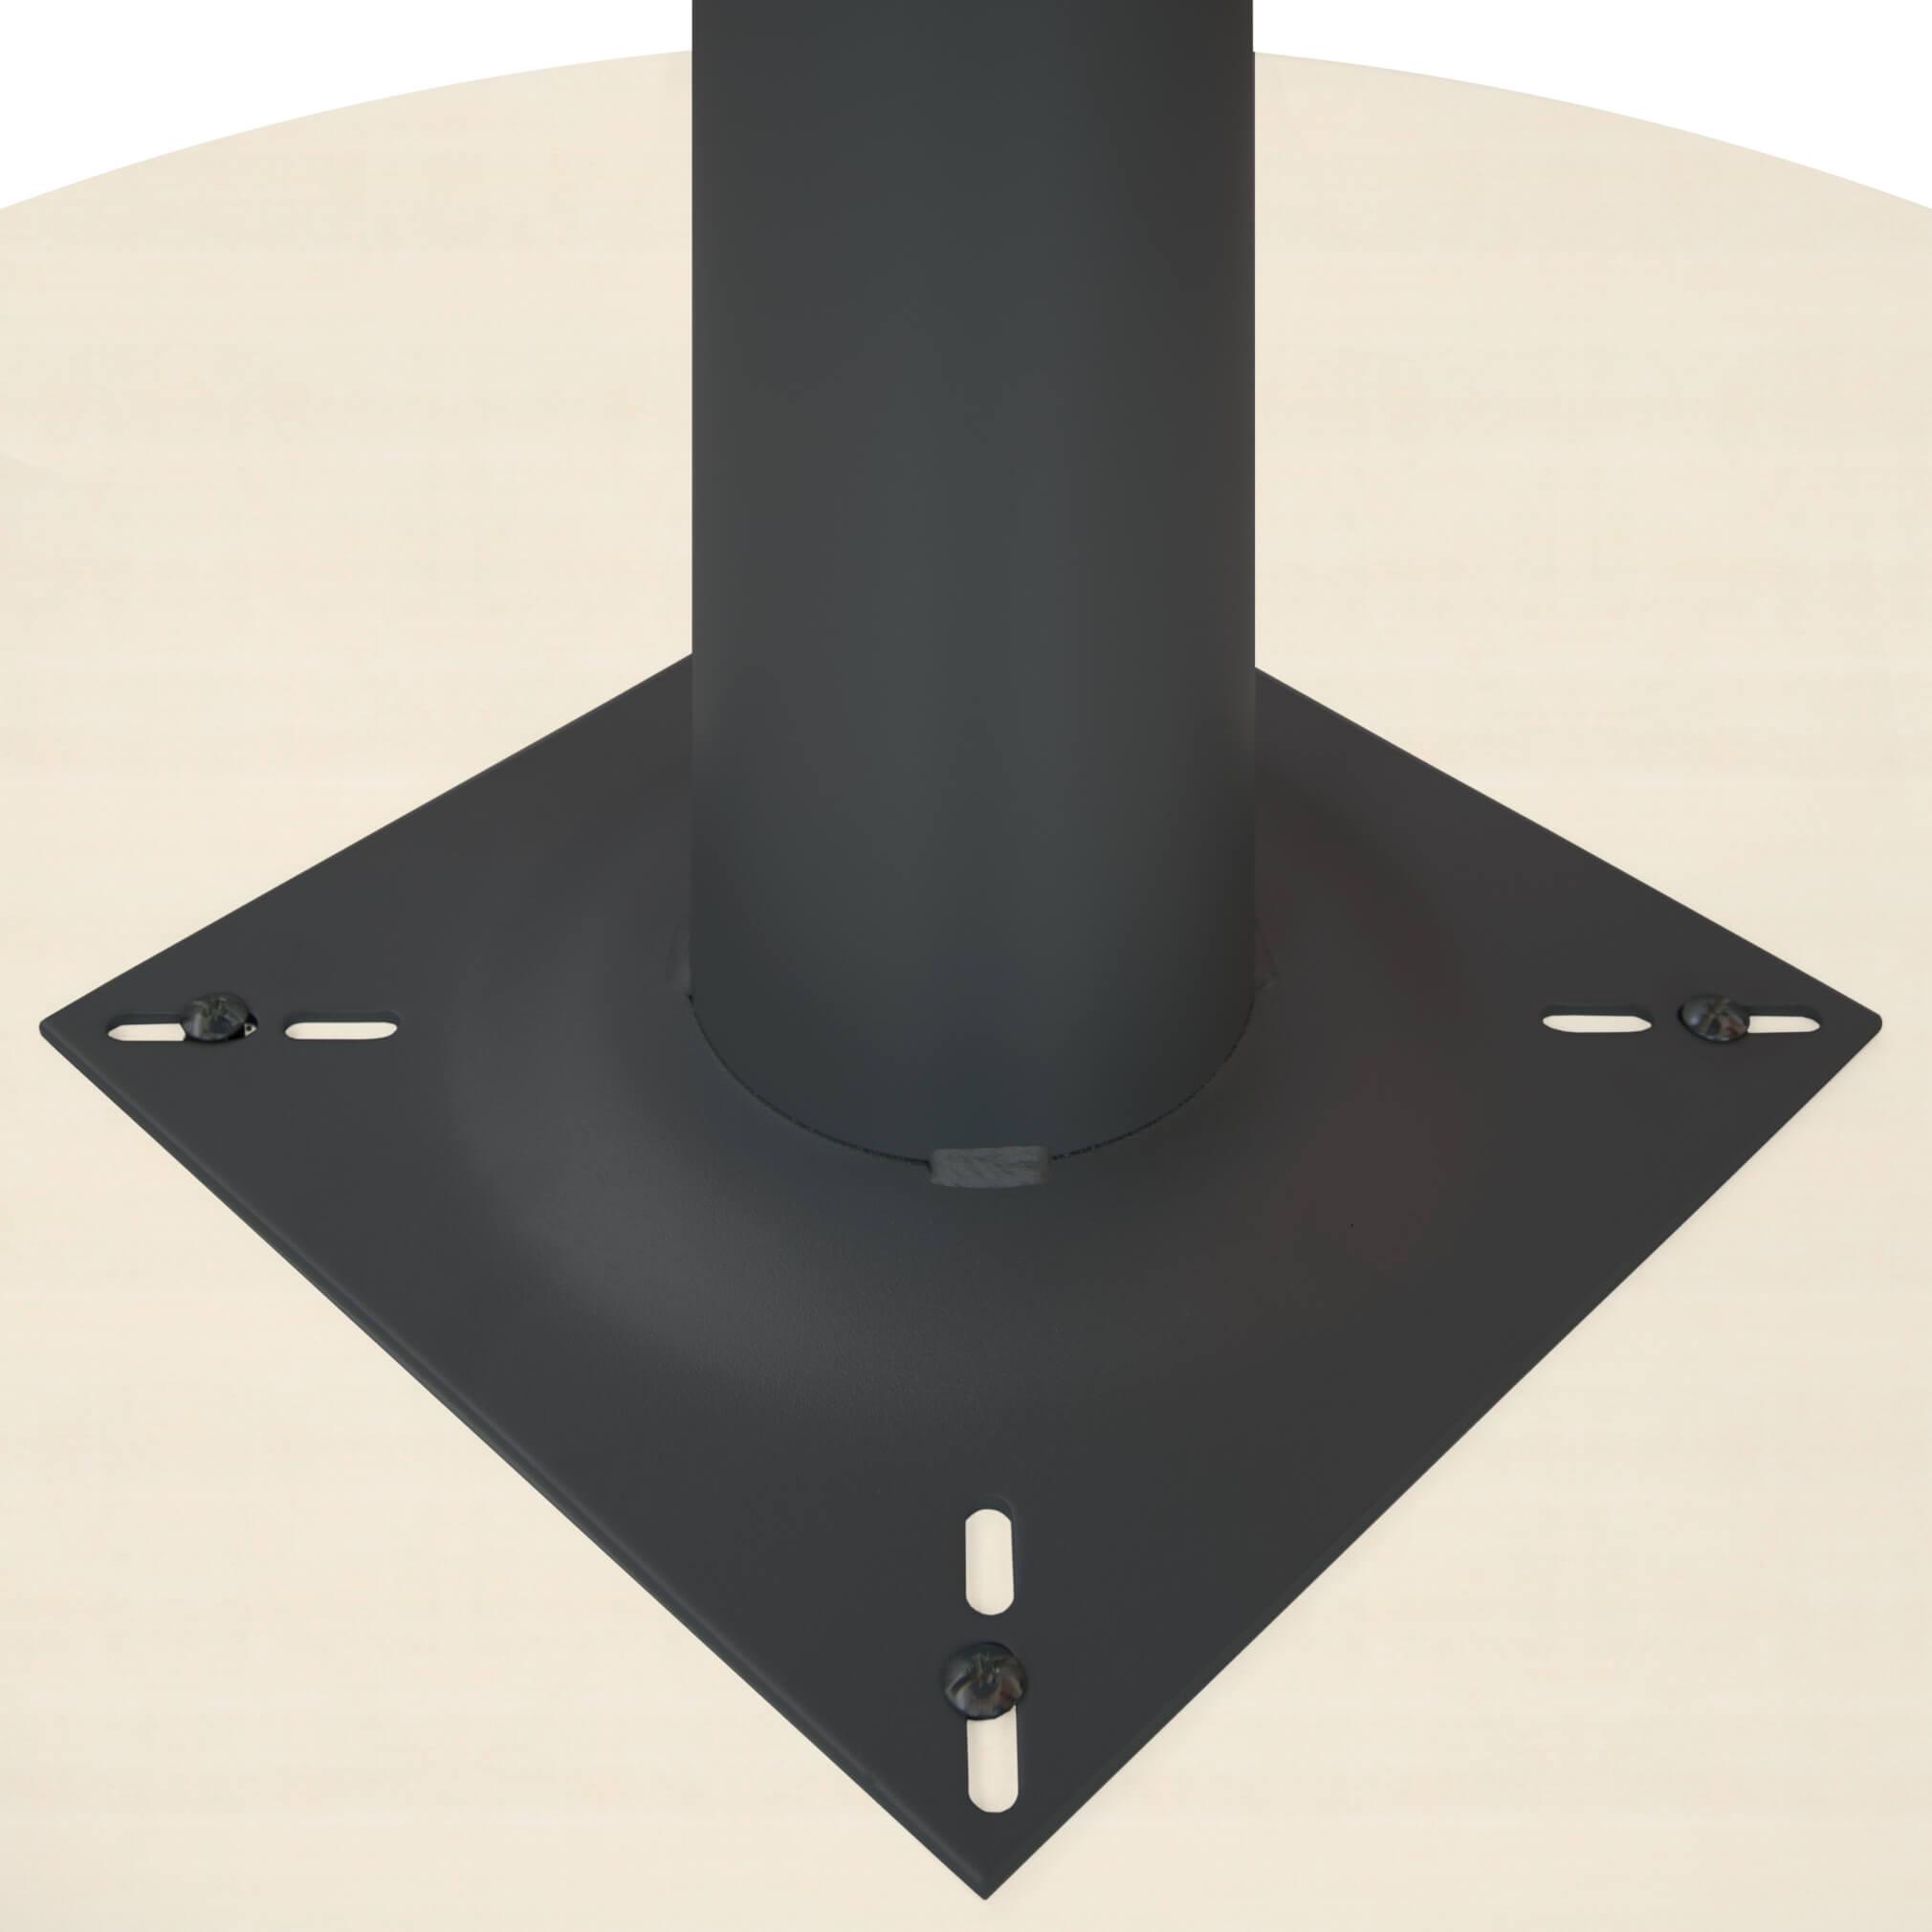 OPTIMA runder Besprechungstisch Ø 80 cm Ahorn Anthrazites Gestell Tisch Esstisch